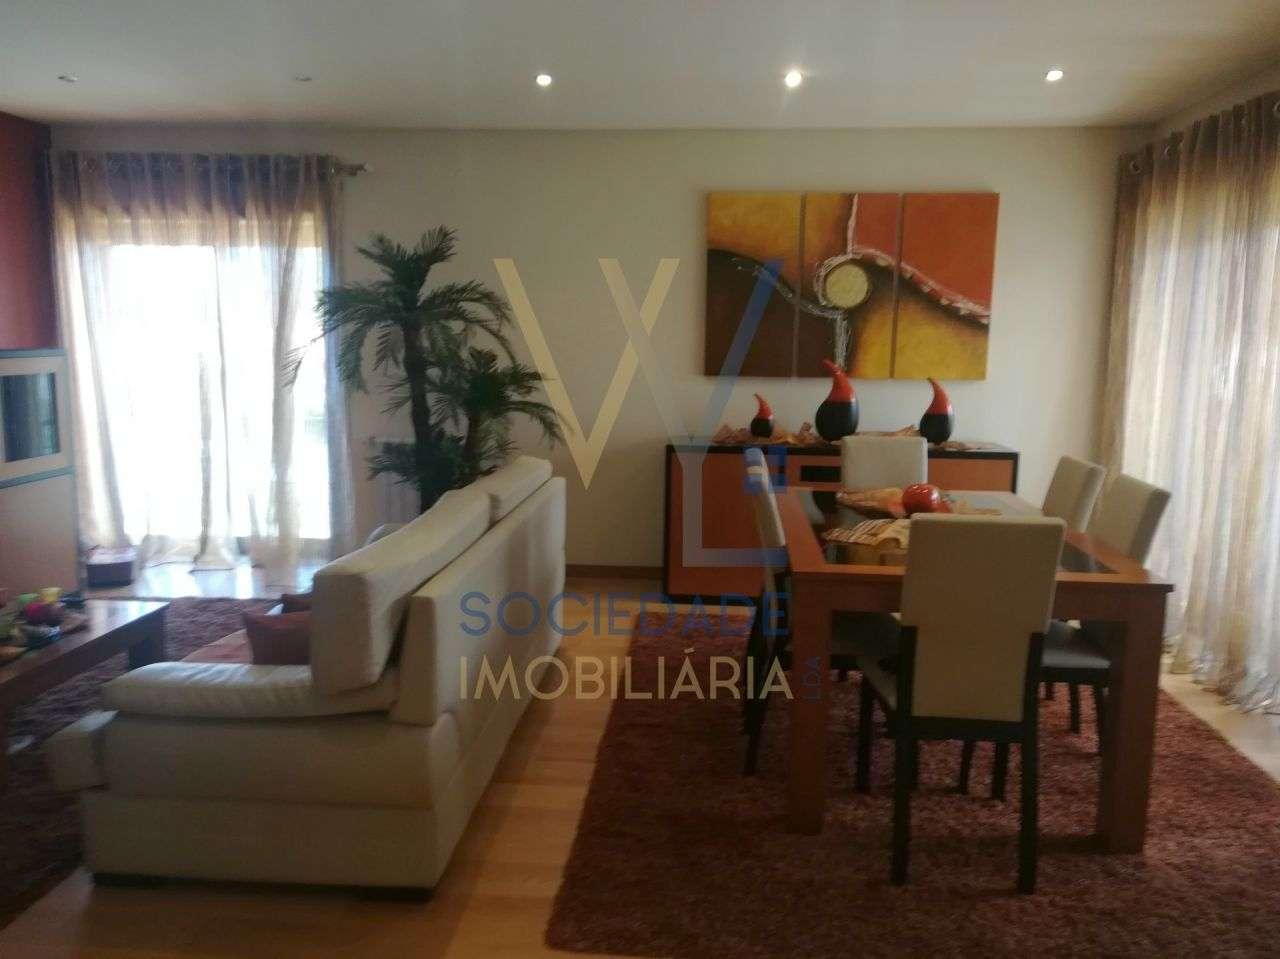 Apartamento para comprar, São Felix da Marinha, Vila Nova de Gaia, Porto - Foto 29